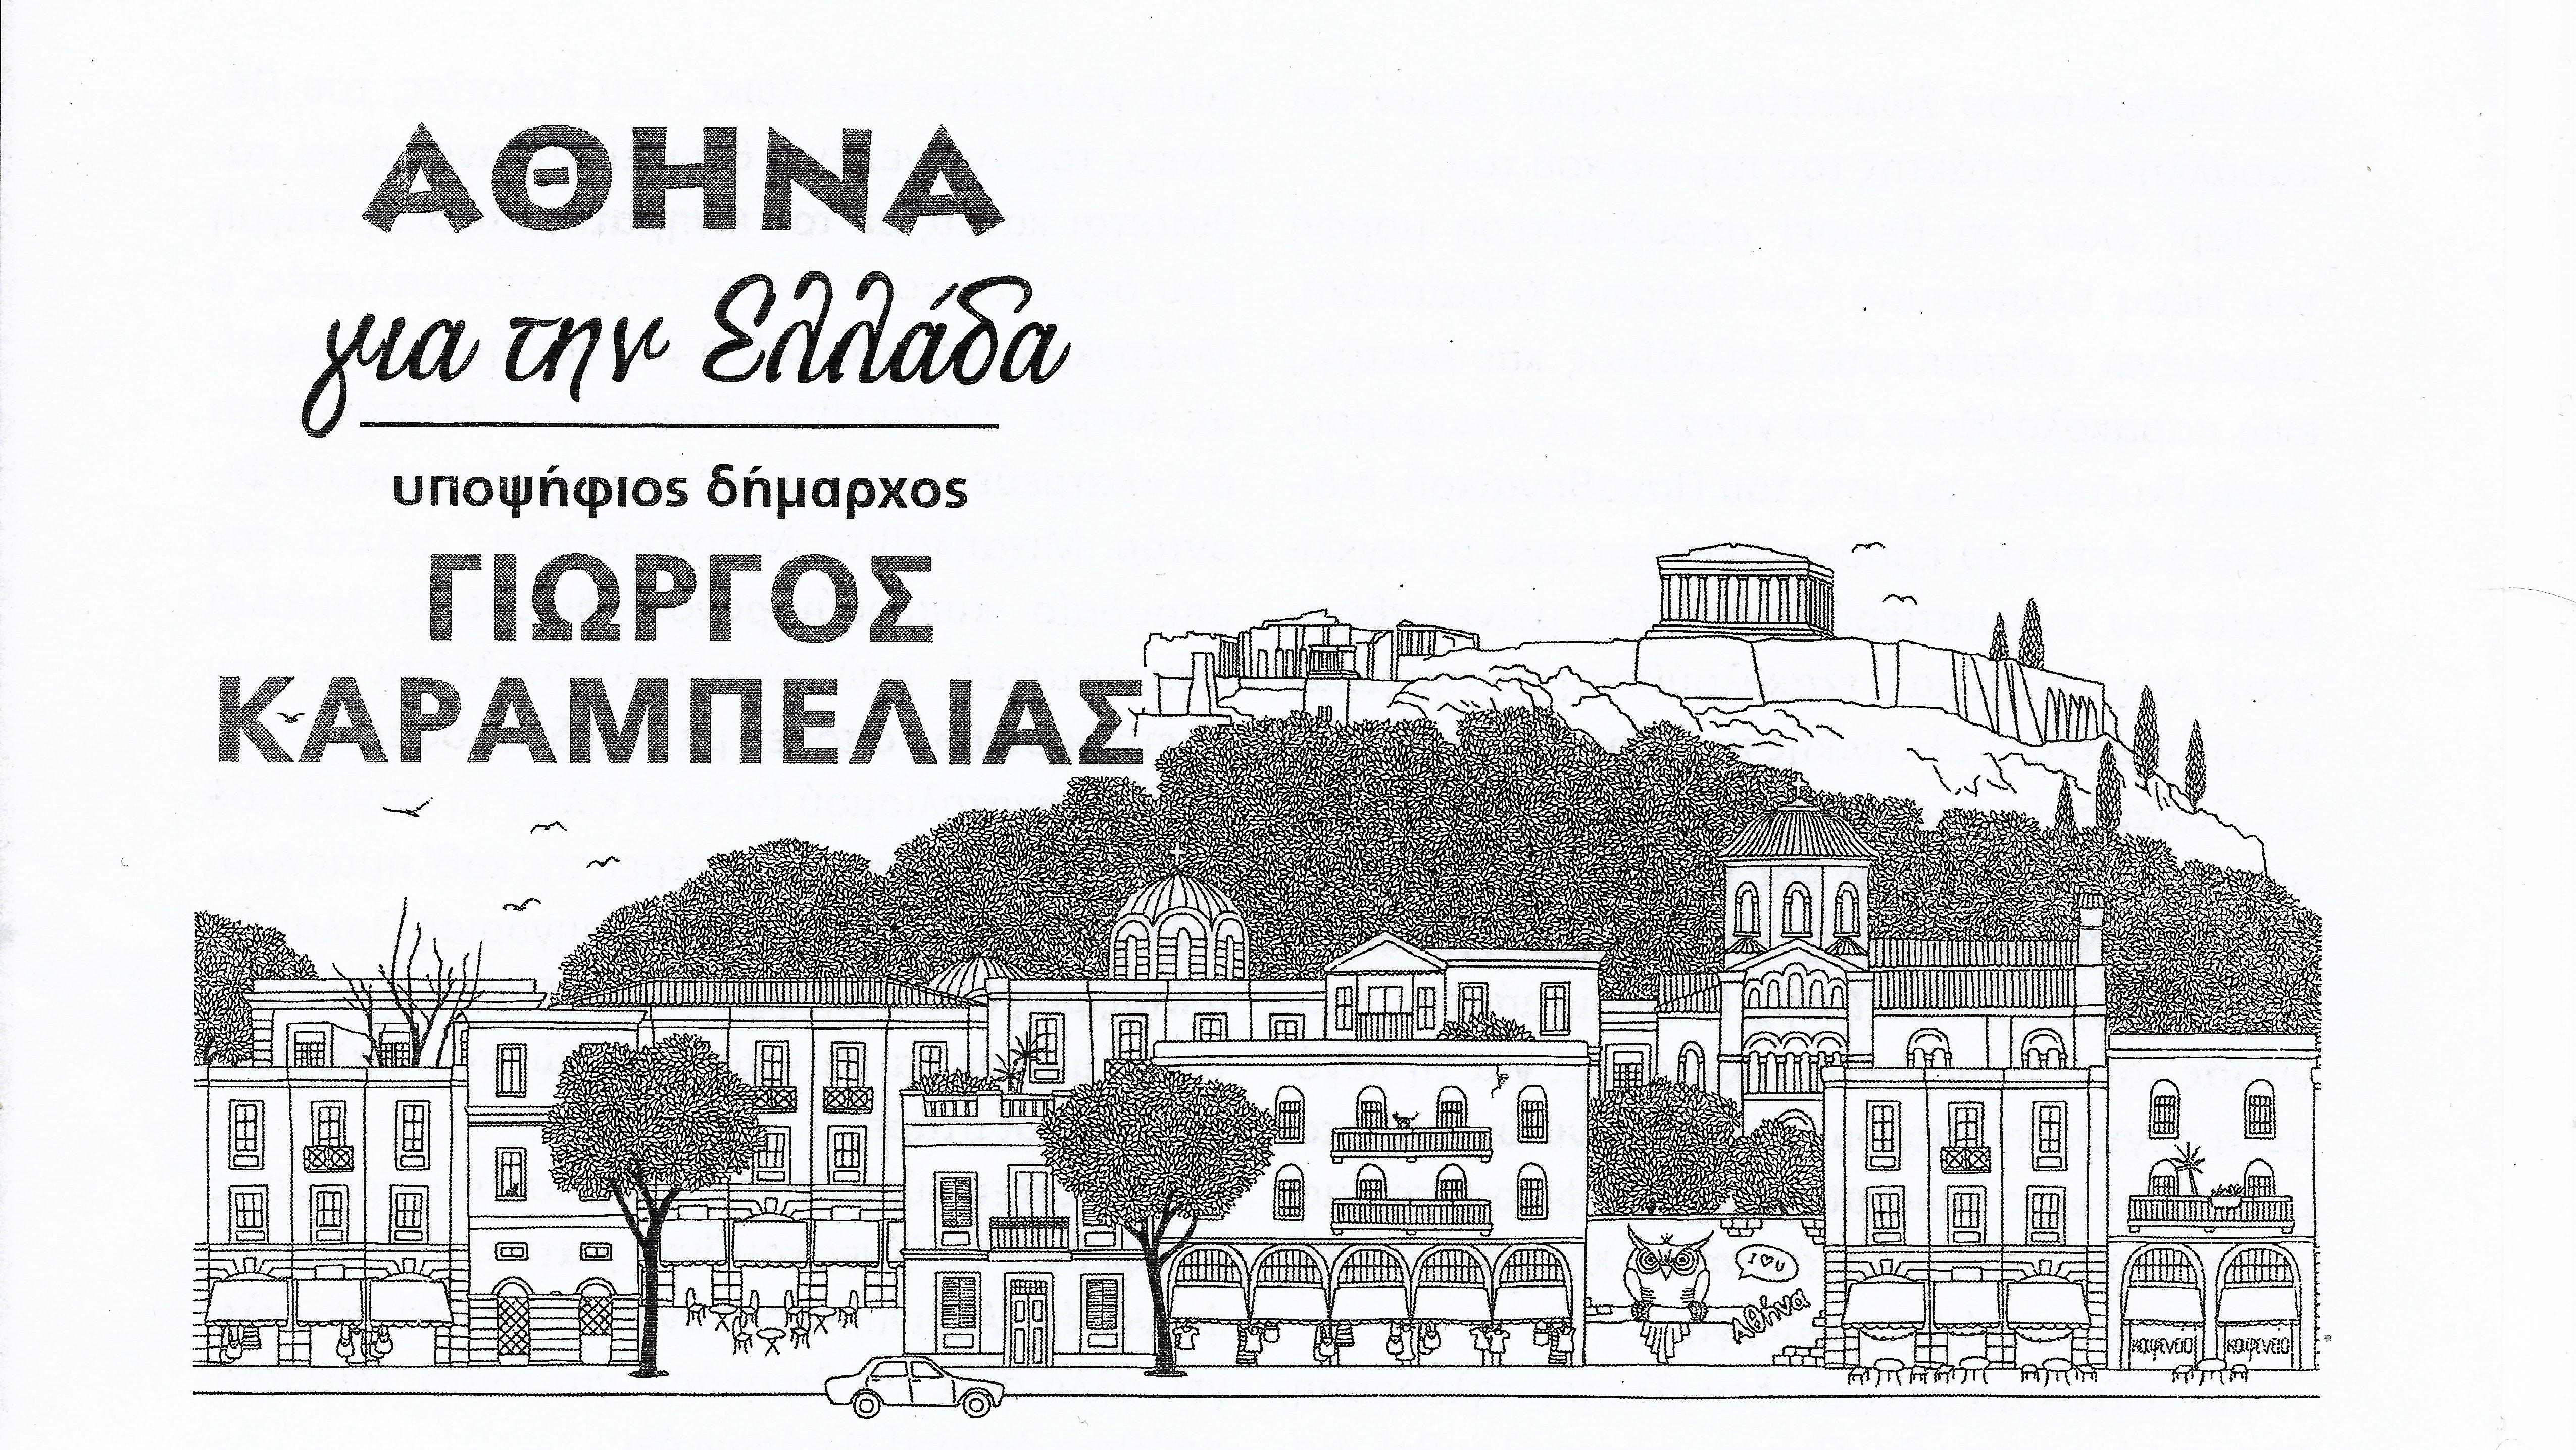 Κώστας Καμαριάρης, υποψήφιος δημοτικός σύμβουλος Αθηναίων